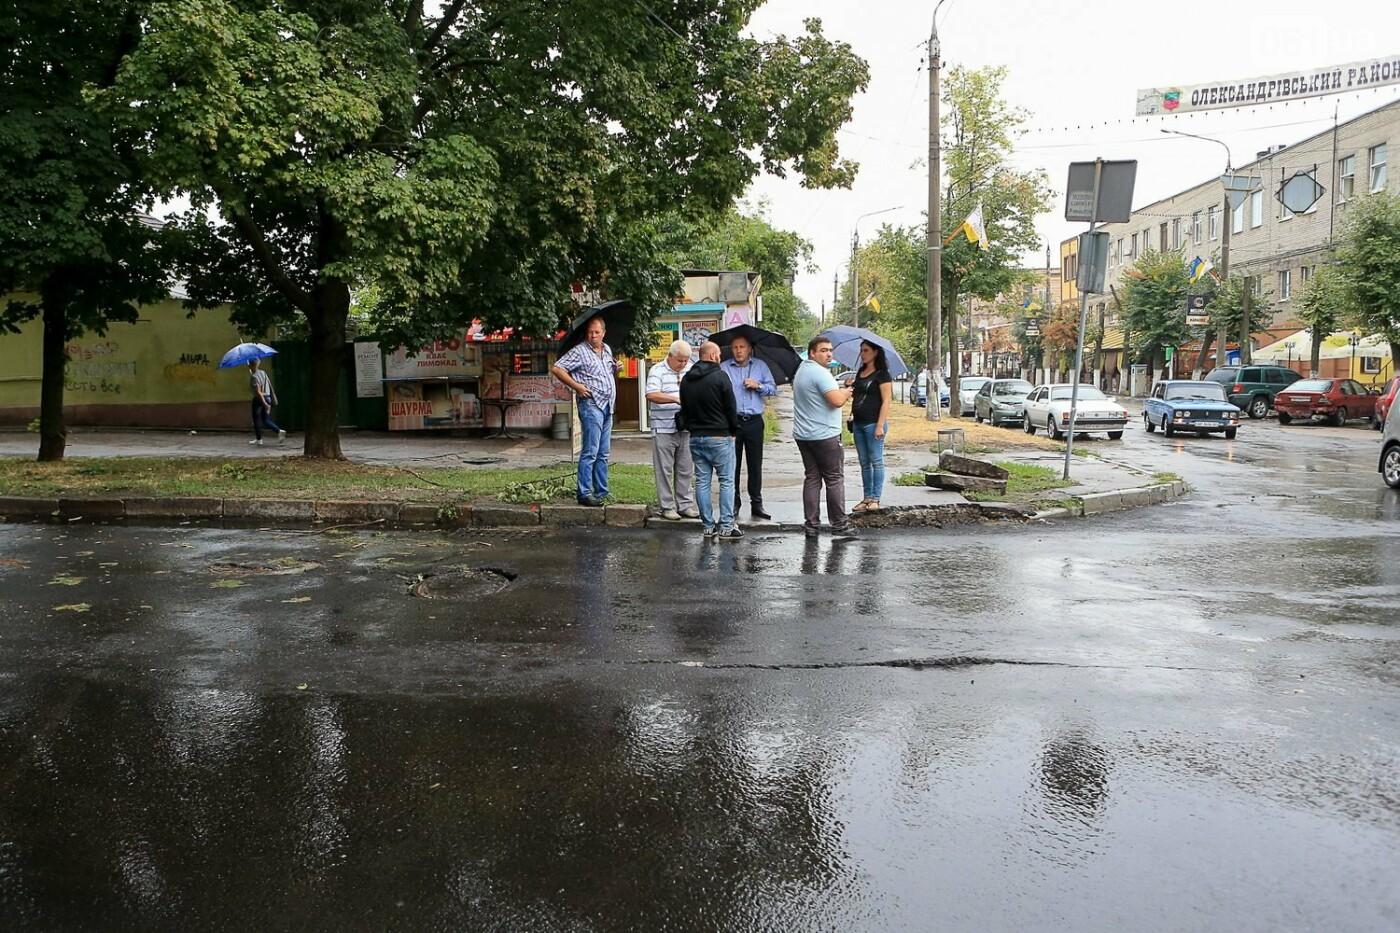 В Запорожье после ливней разрушены дороги: почему это произошло и за чей счет отремонтируют, - ФОТОРЕПОРТАЖ, фото-2